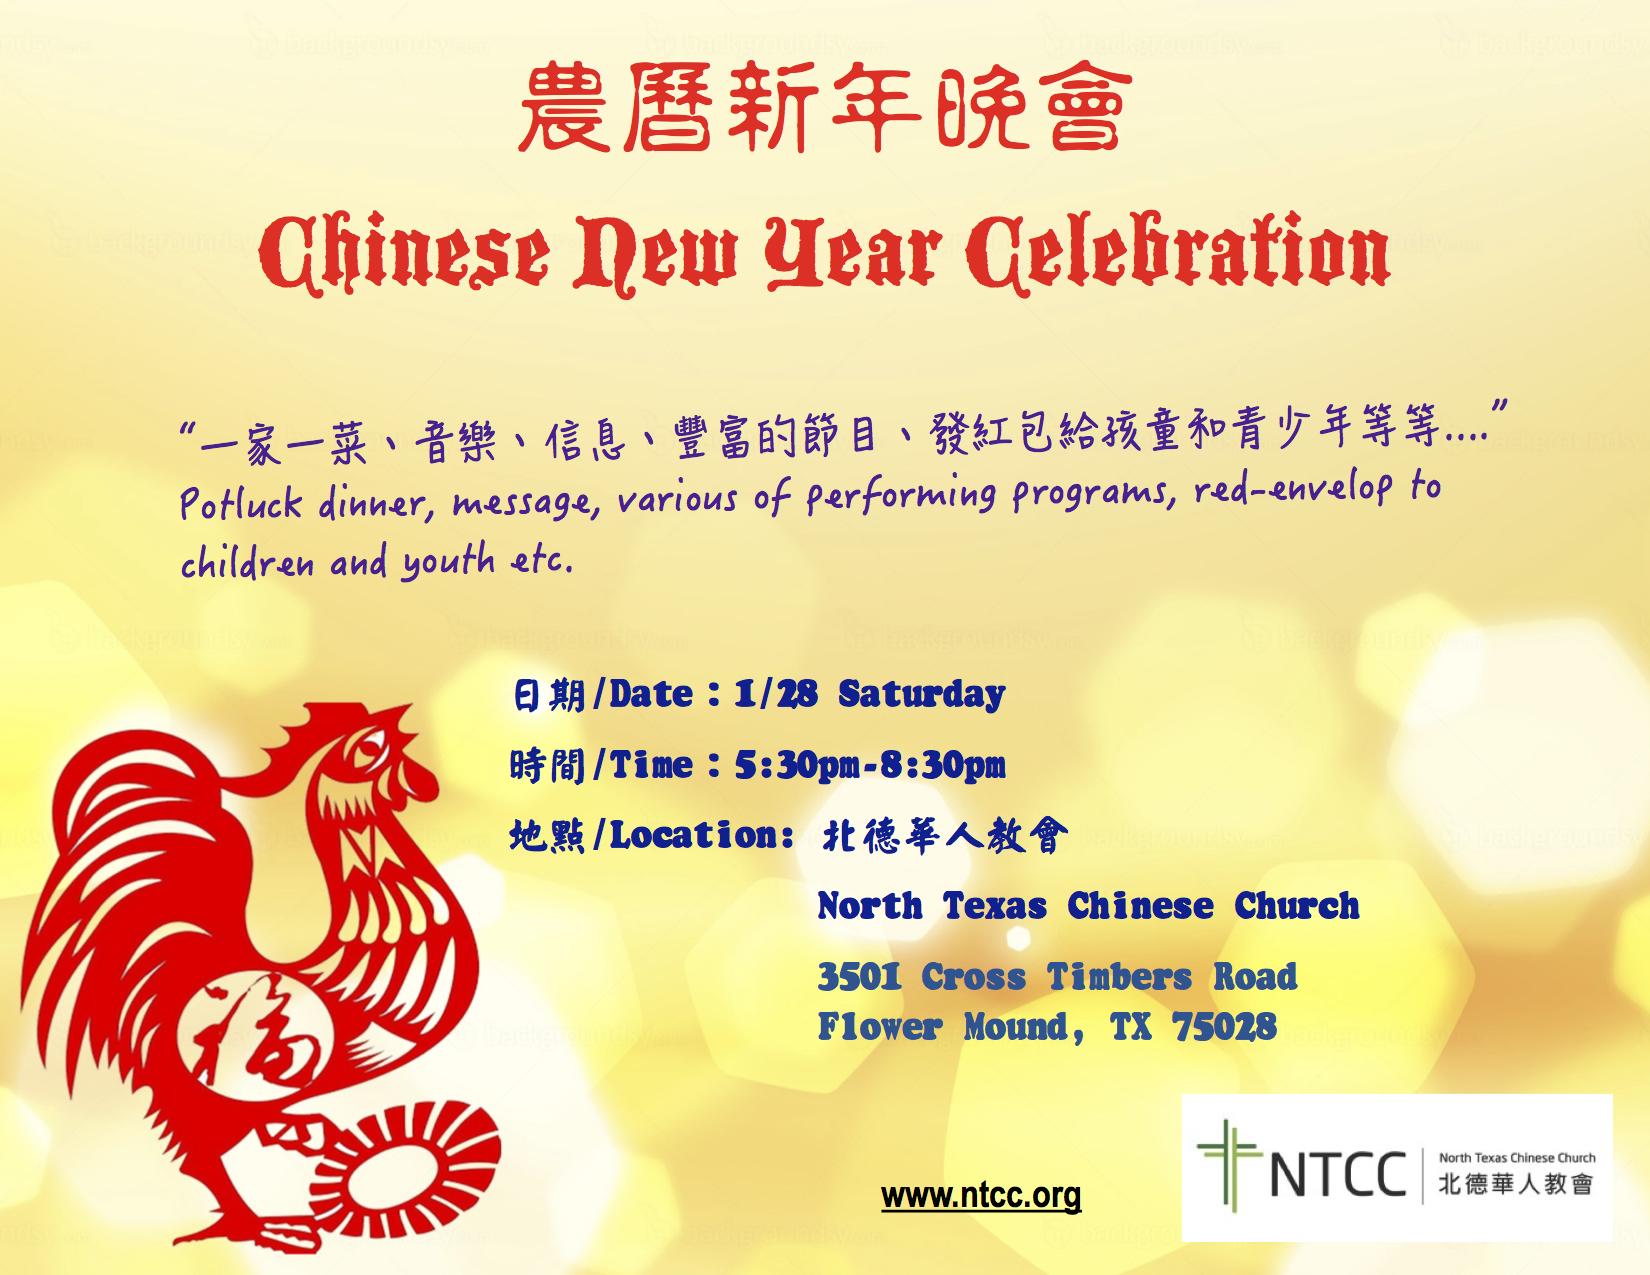 2017-chinese-new-year-celebration